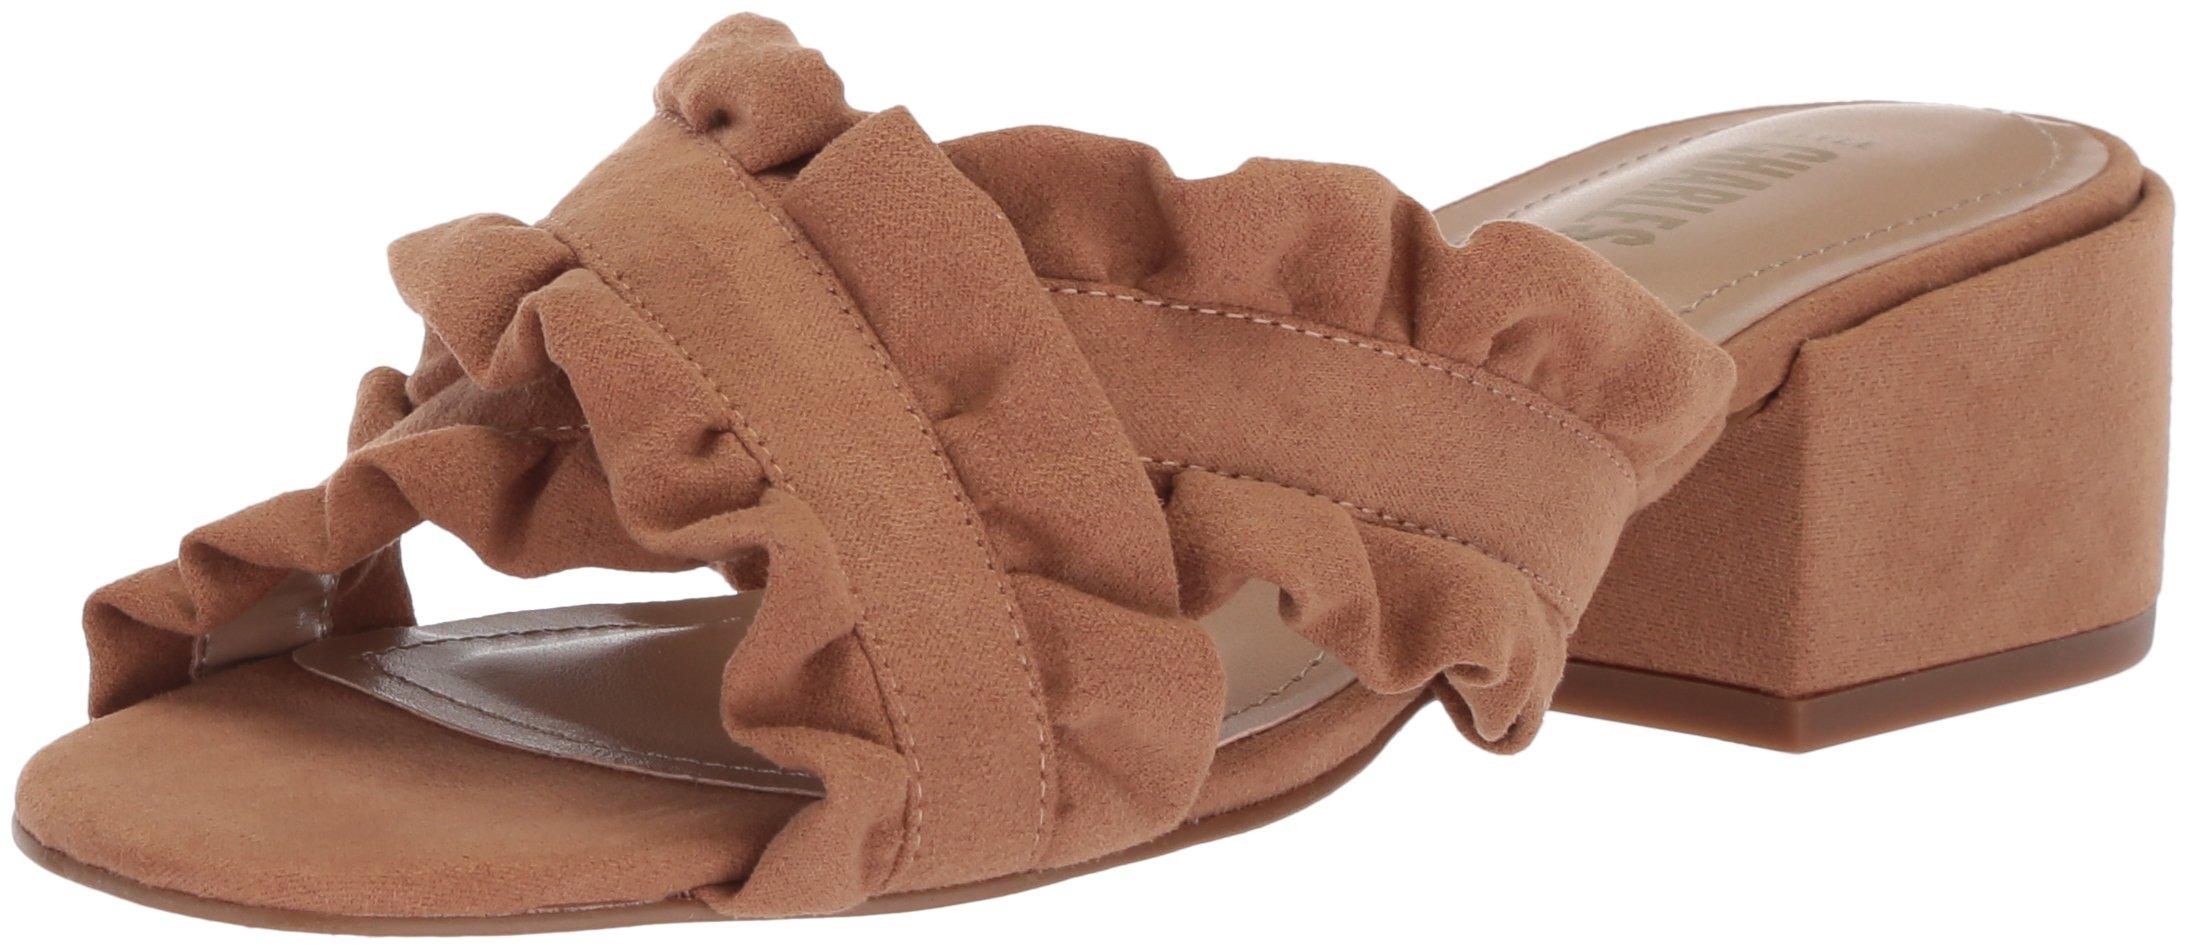 Style by Charles David Women's Vinny Slide Sandal, Desert Sand, 8.5 M US